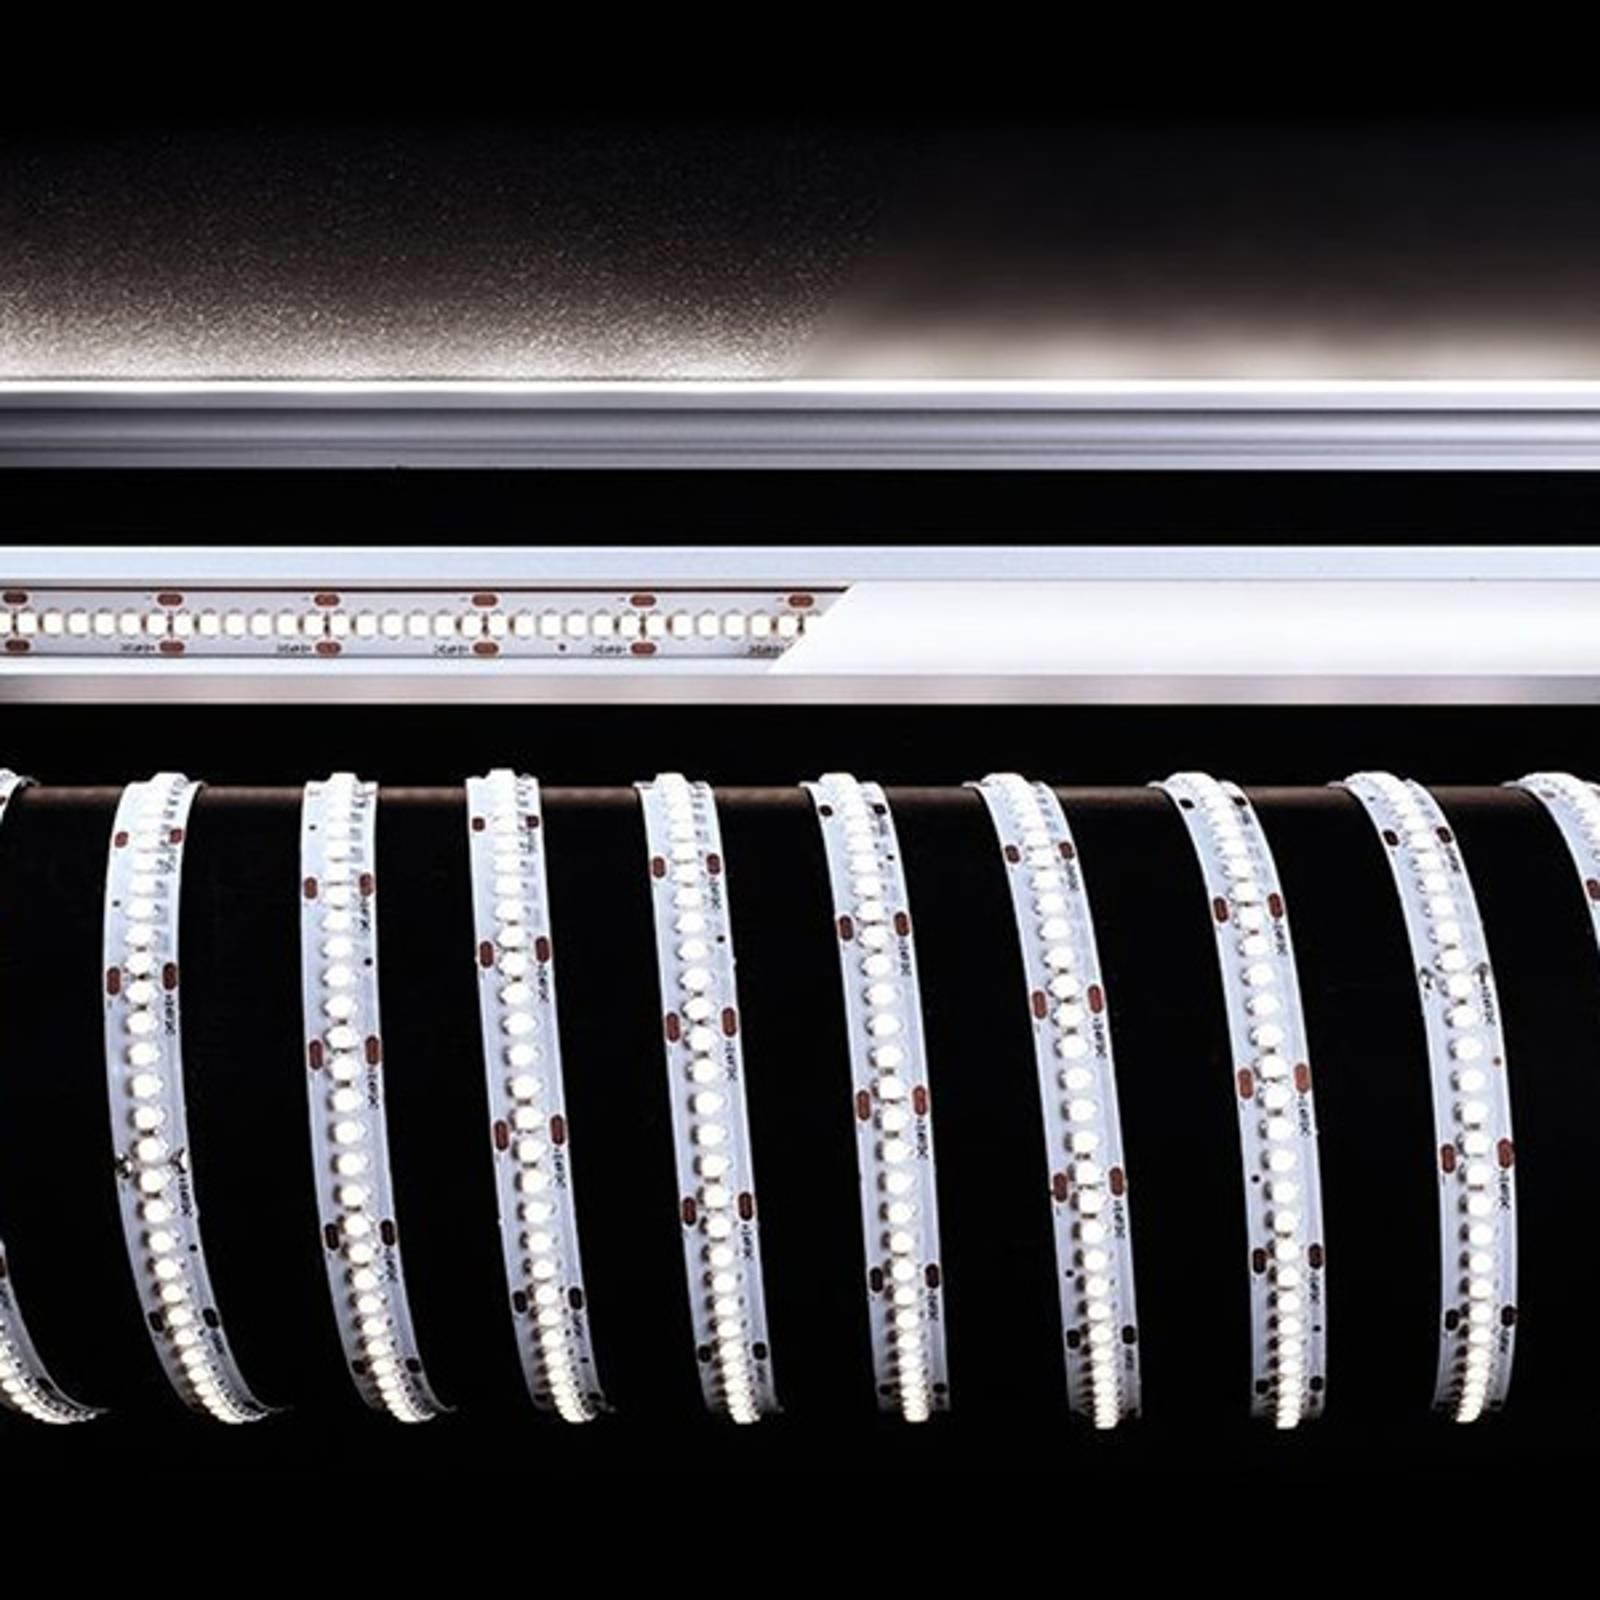 Joustava LED-valonauha, 90W, 500x1x0,3 cm, 4000 K